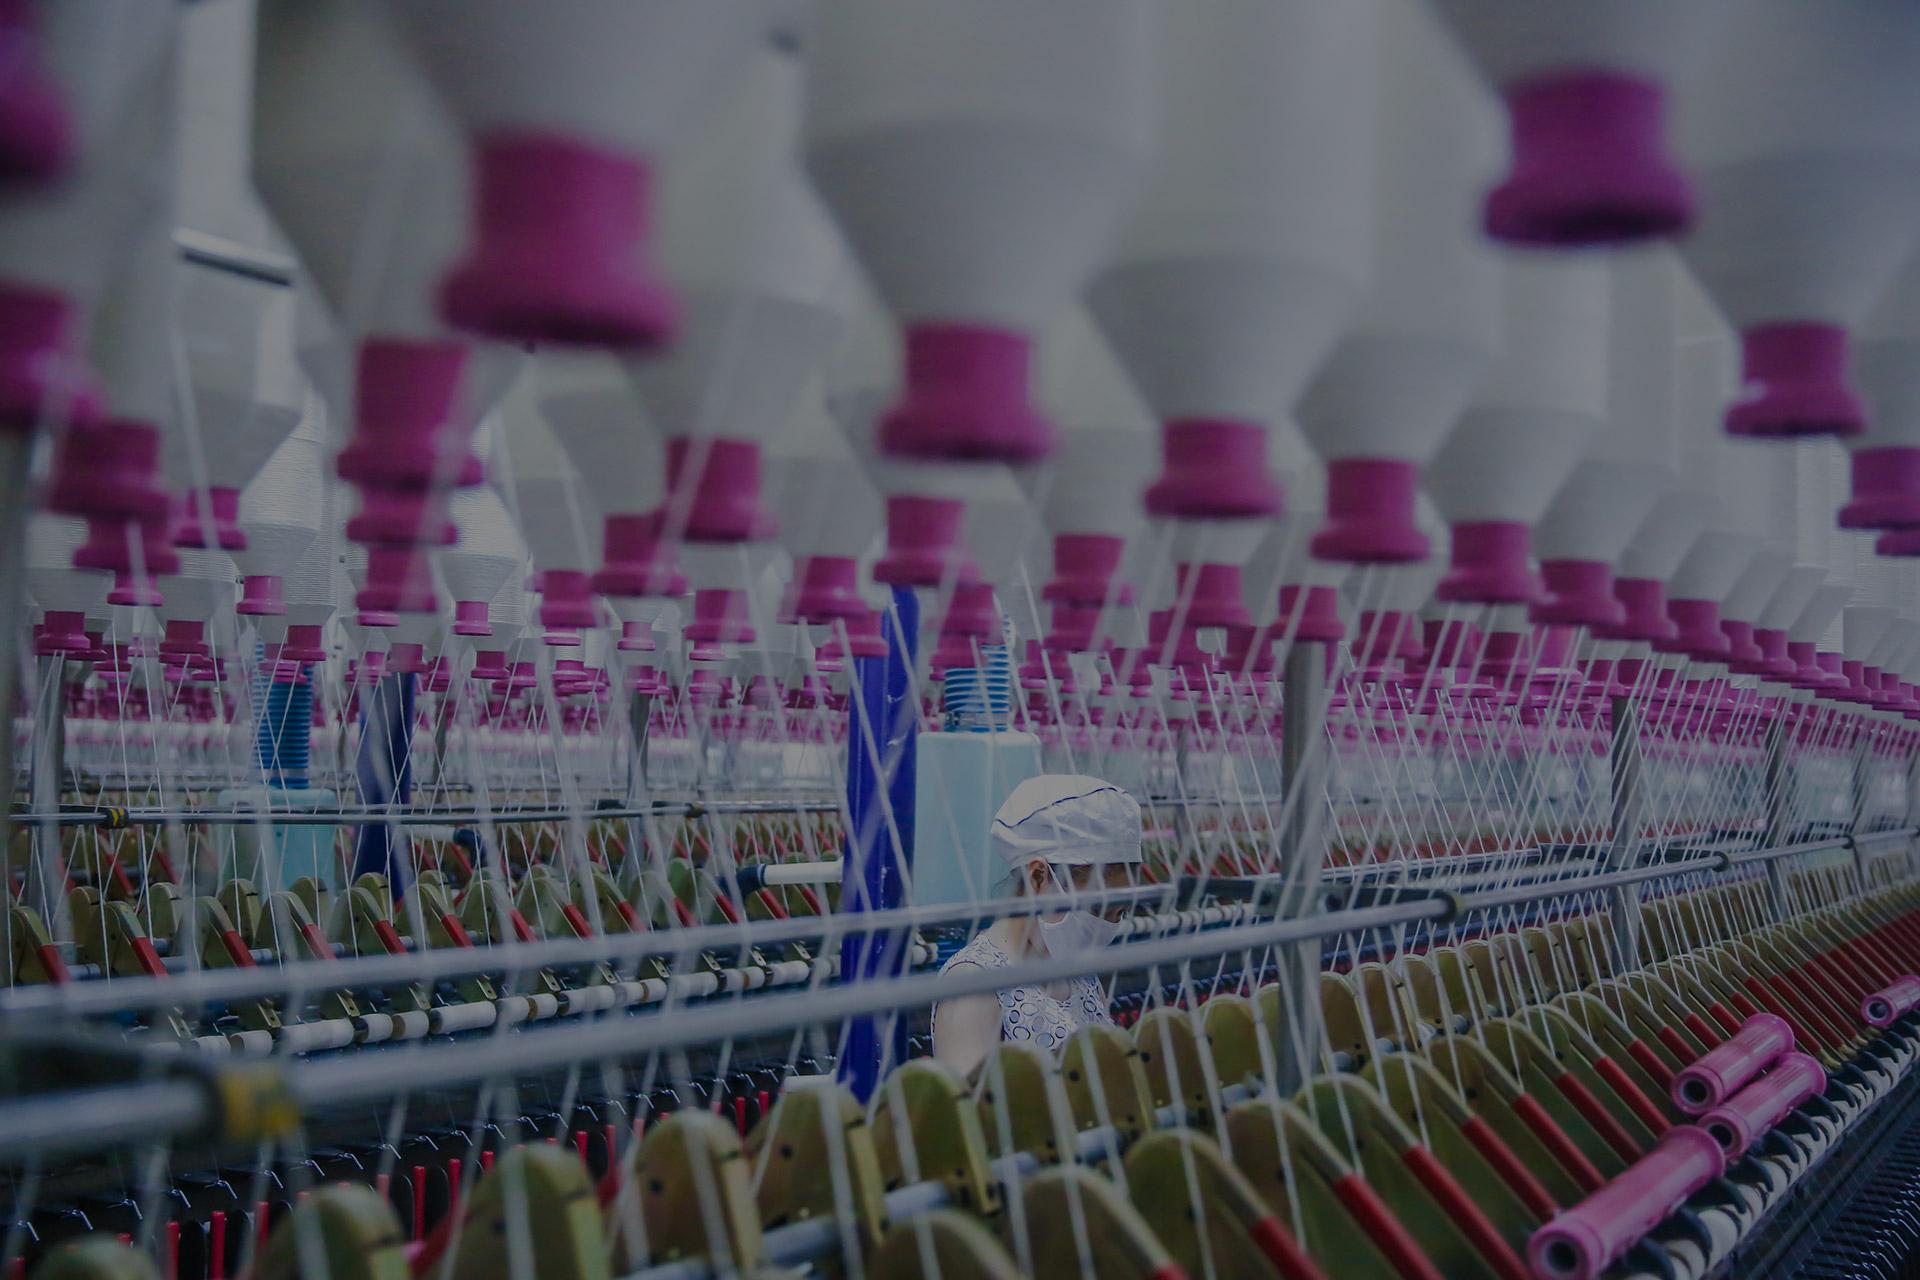 Textile manufacturing equipment